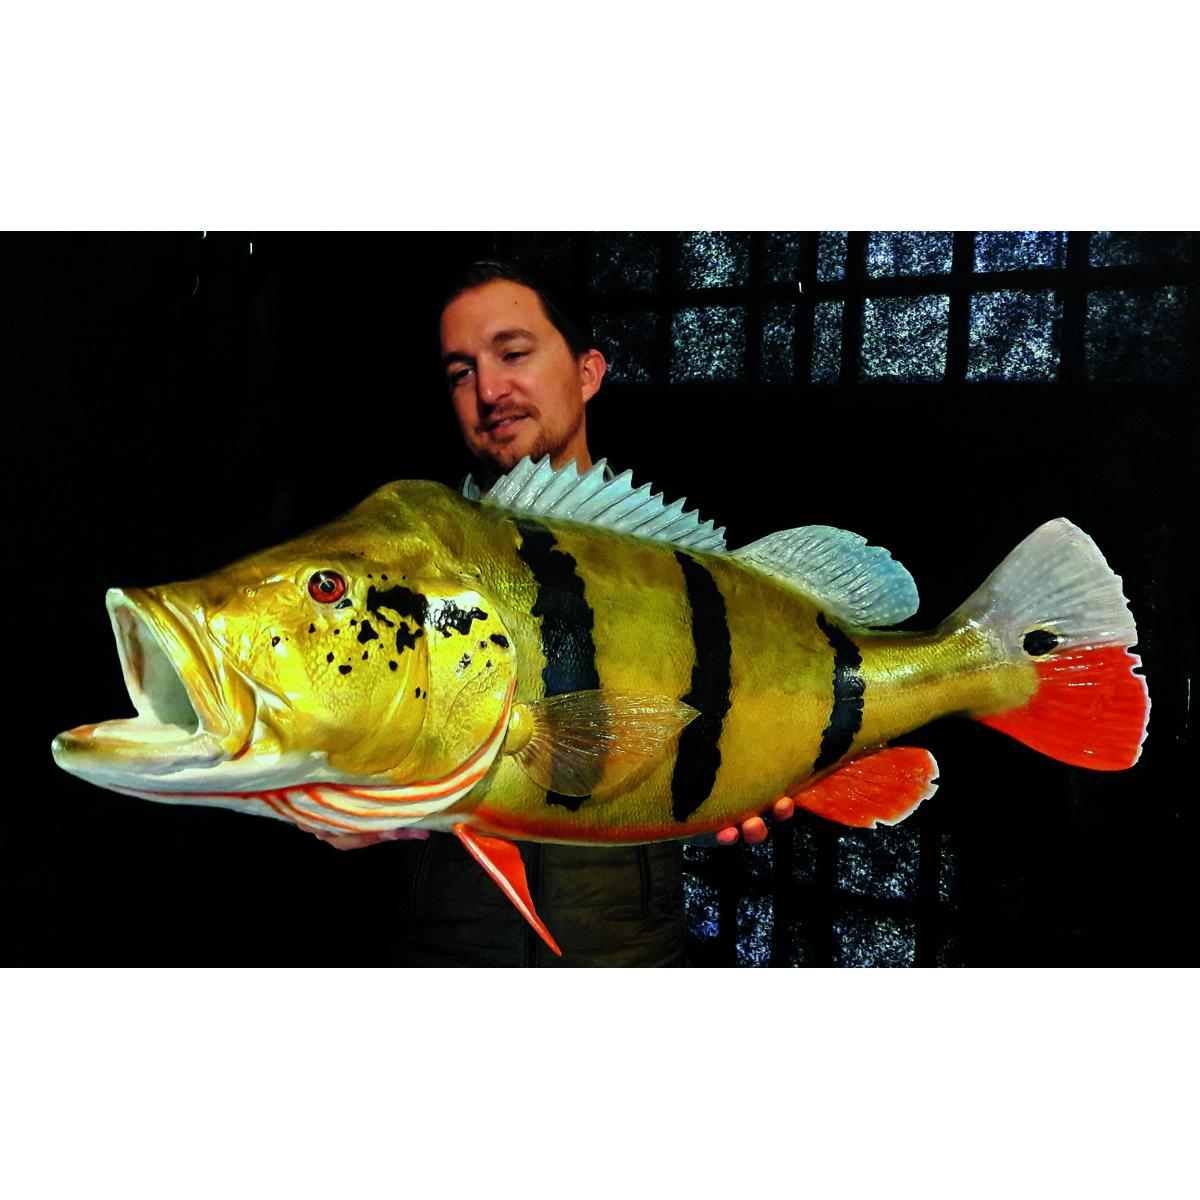 Trophée de pêche Lm2g - A Façon